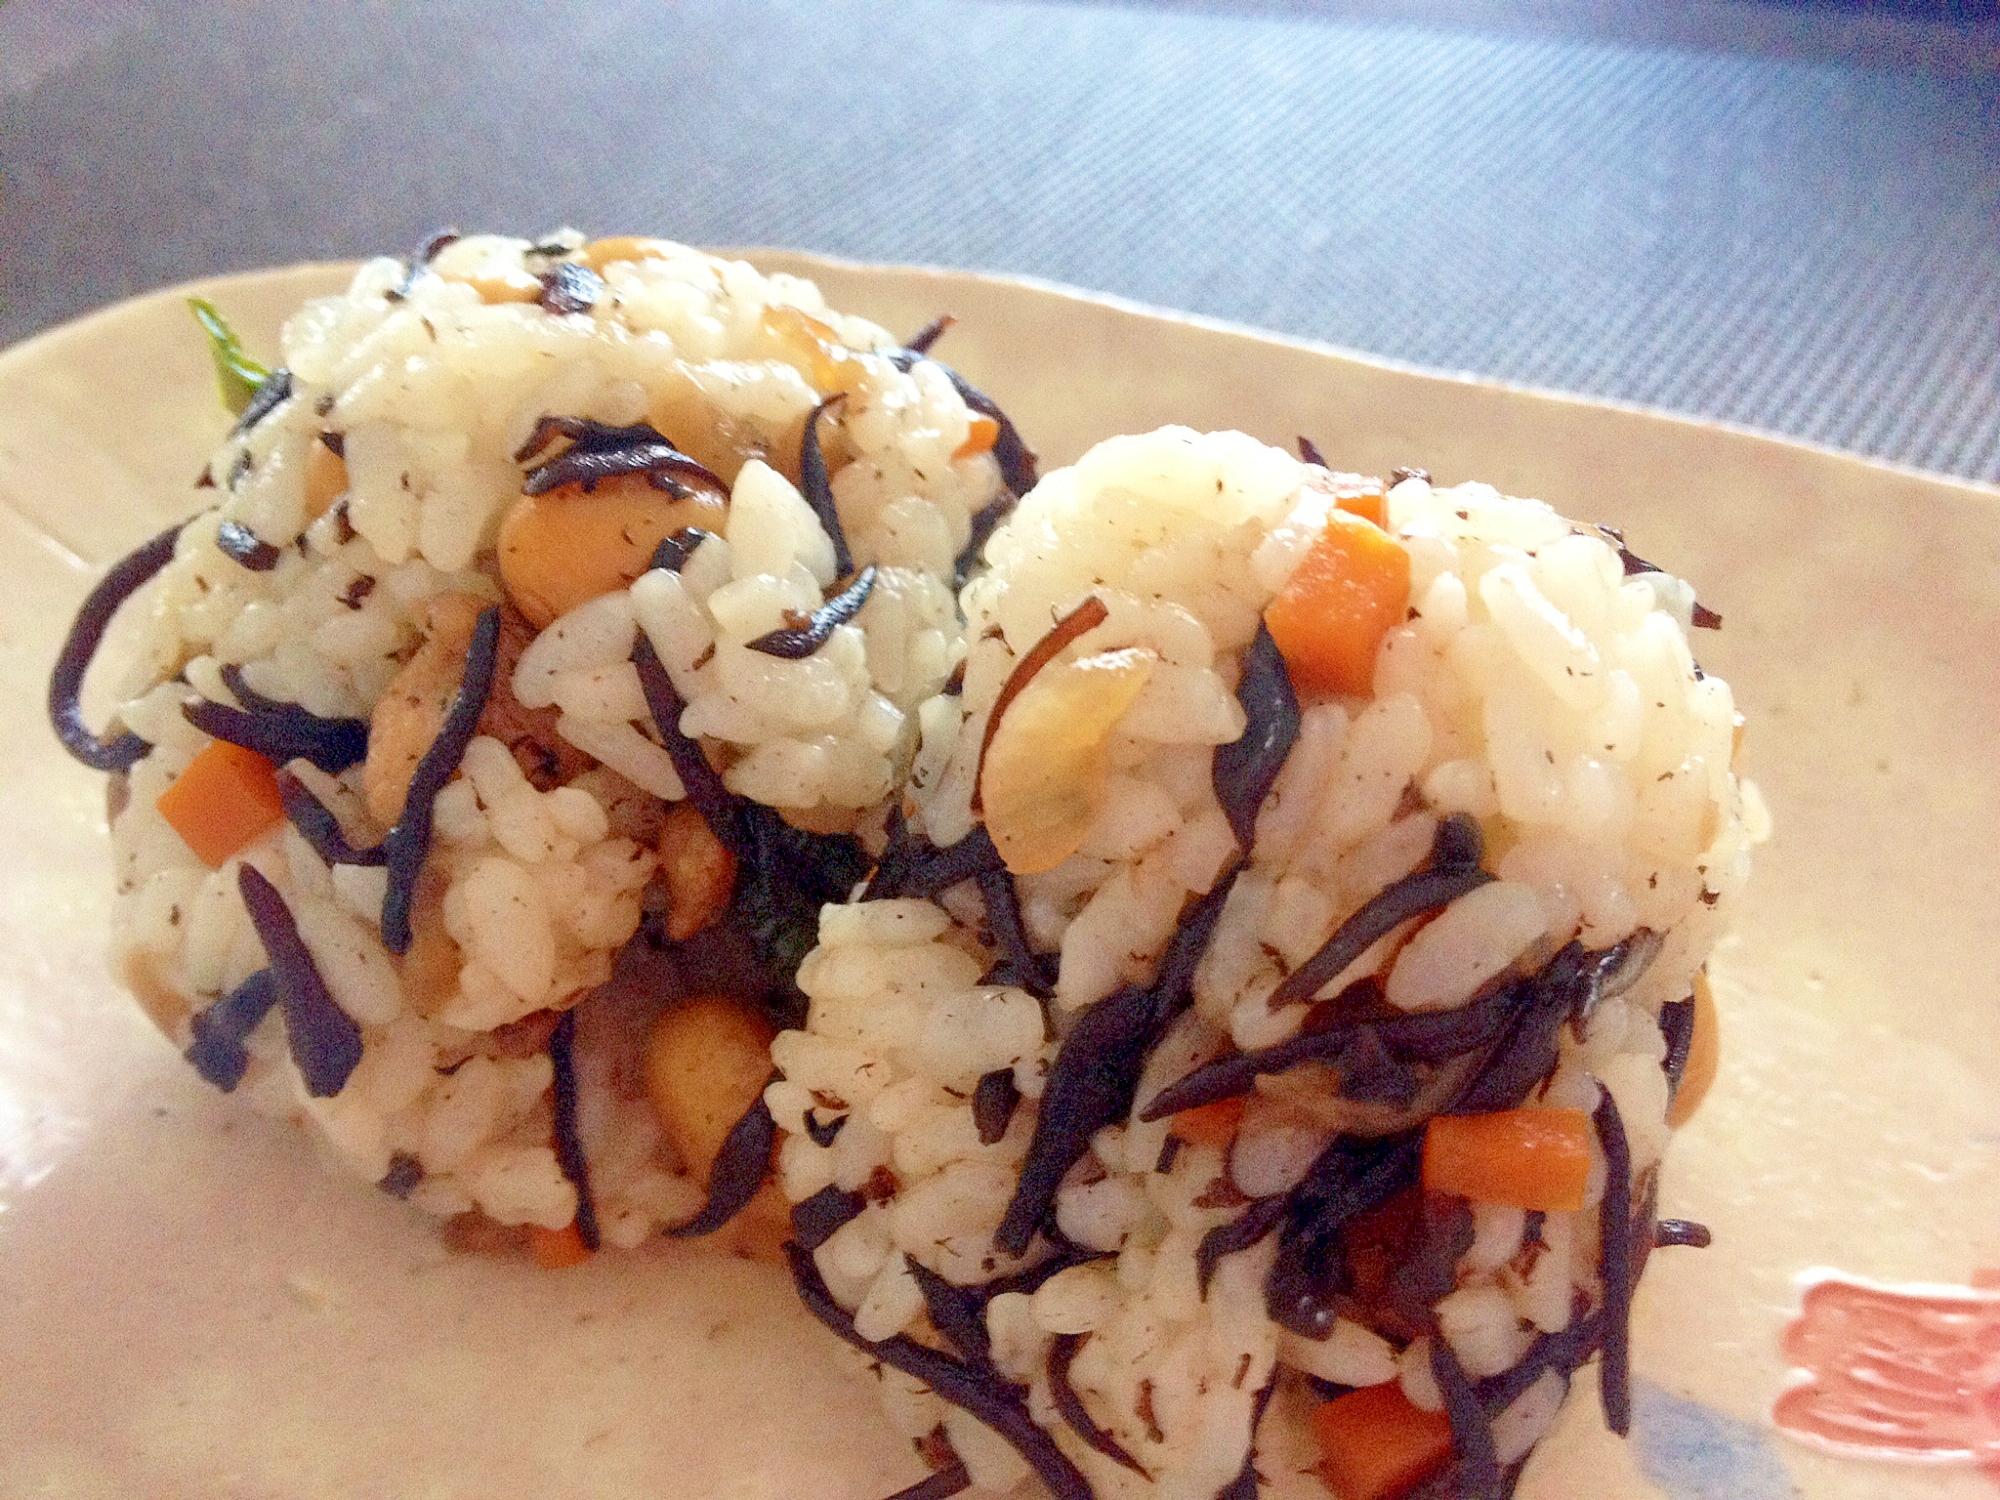 「大豆とひじきの混ぜご飯」リメイク料理☆